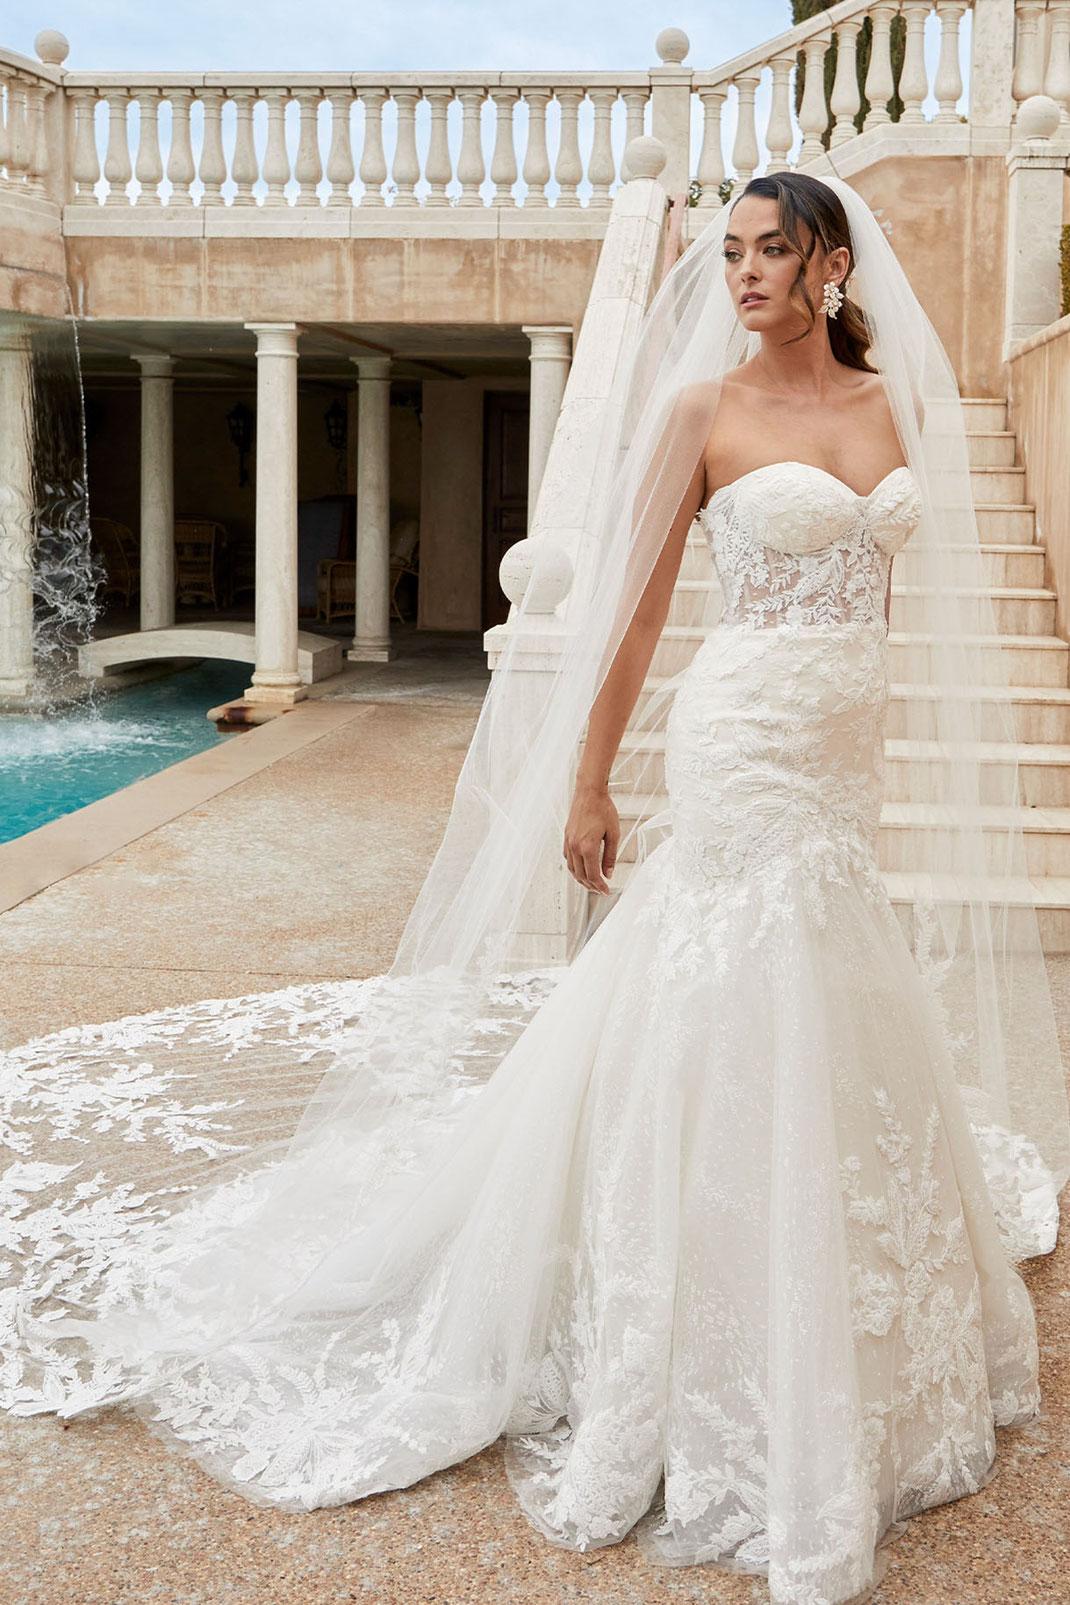 Brautkleid Style 2450 aus der Casablanca Bridal Kollektion 2022 erhältlich bei Brautmoden Tegernsee